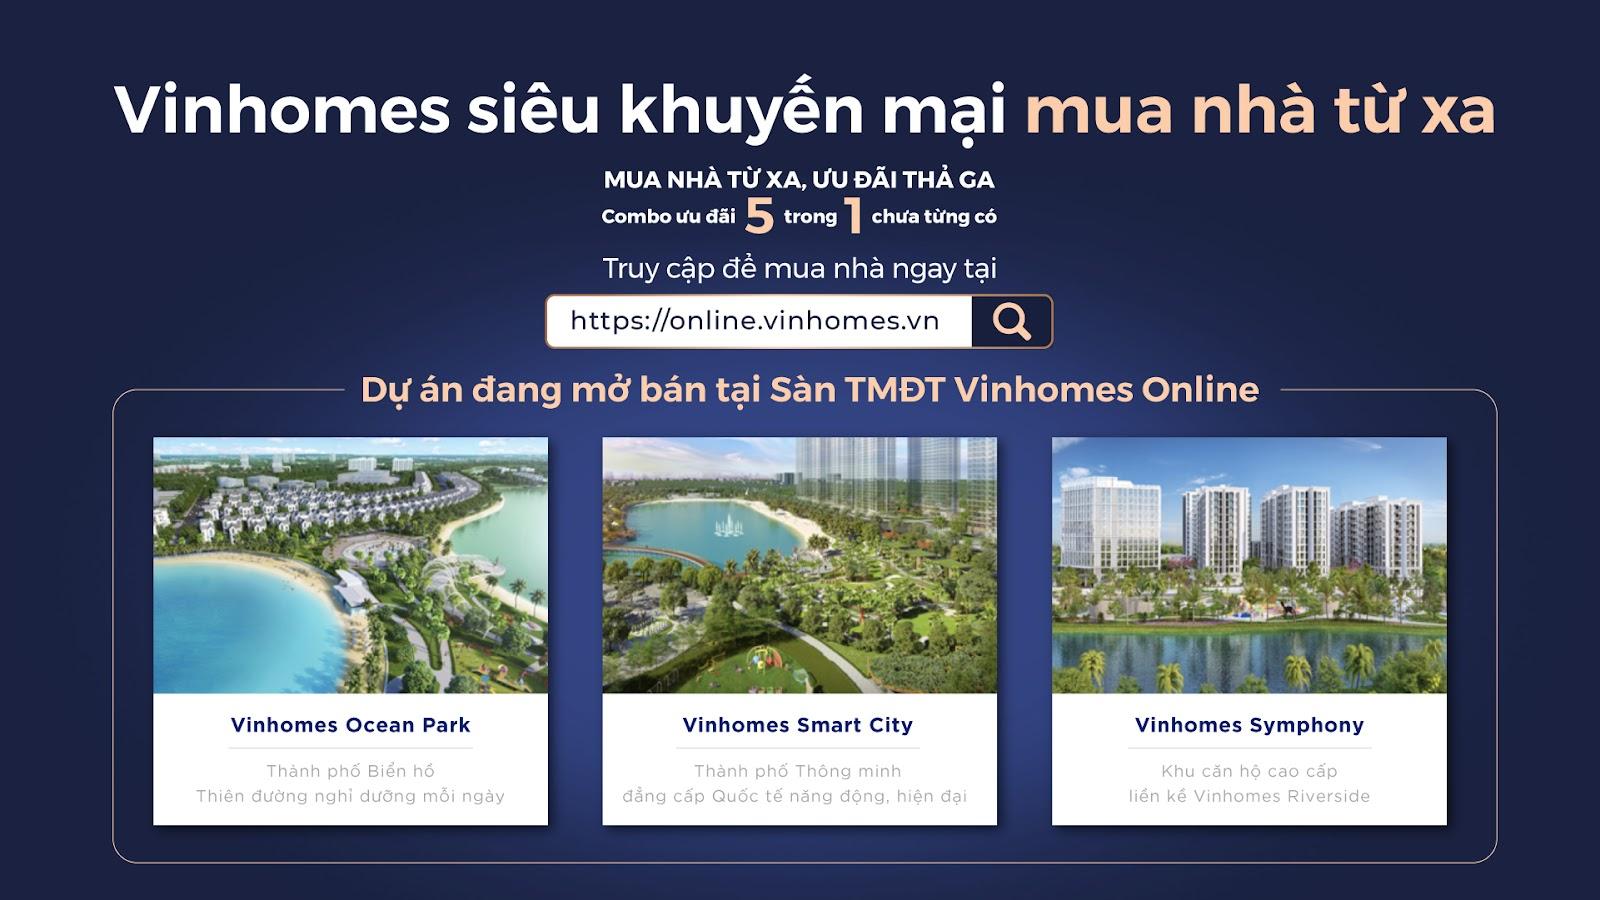 vinhomes-online.jpg